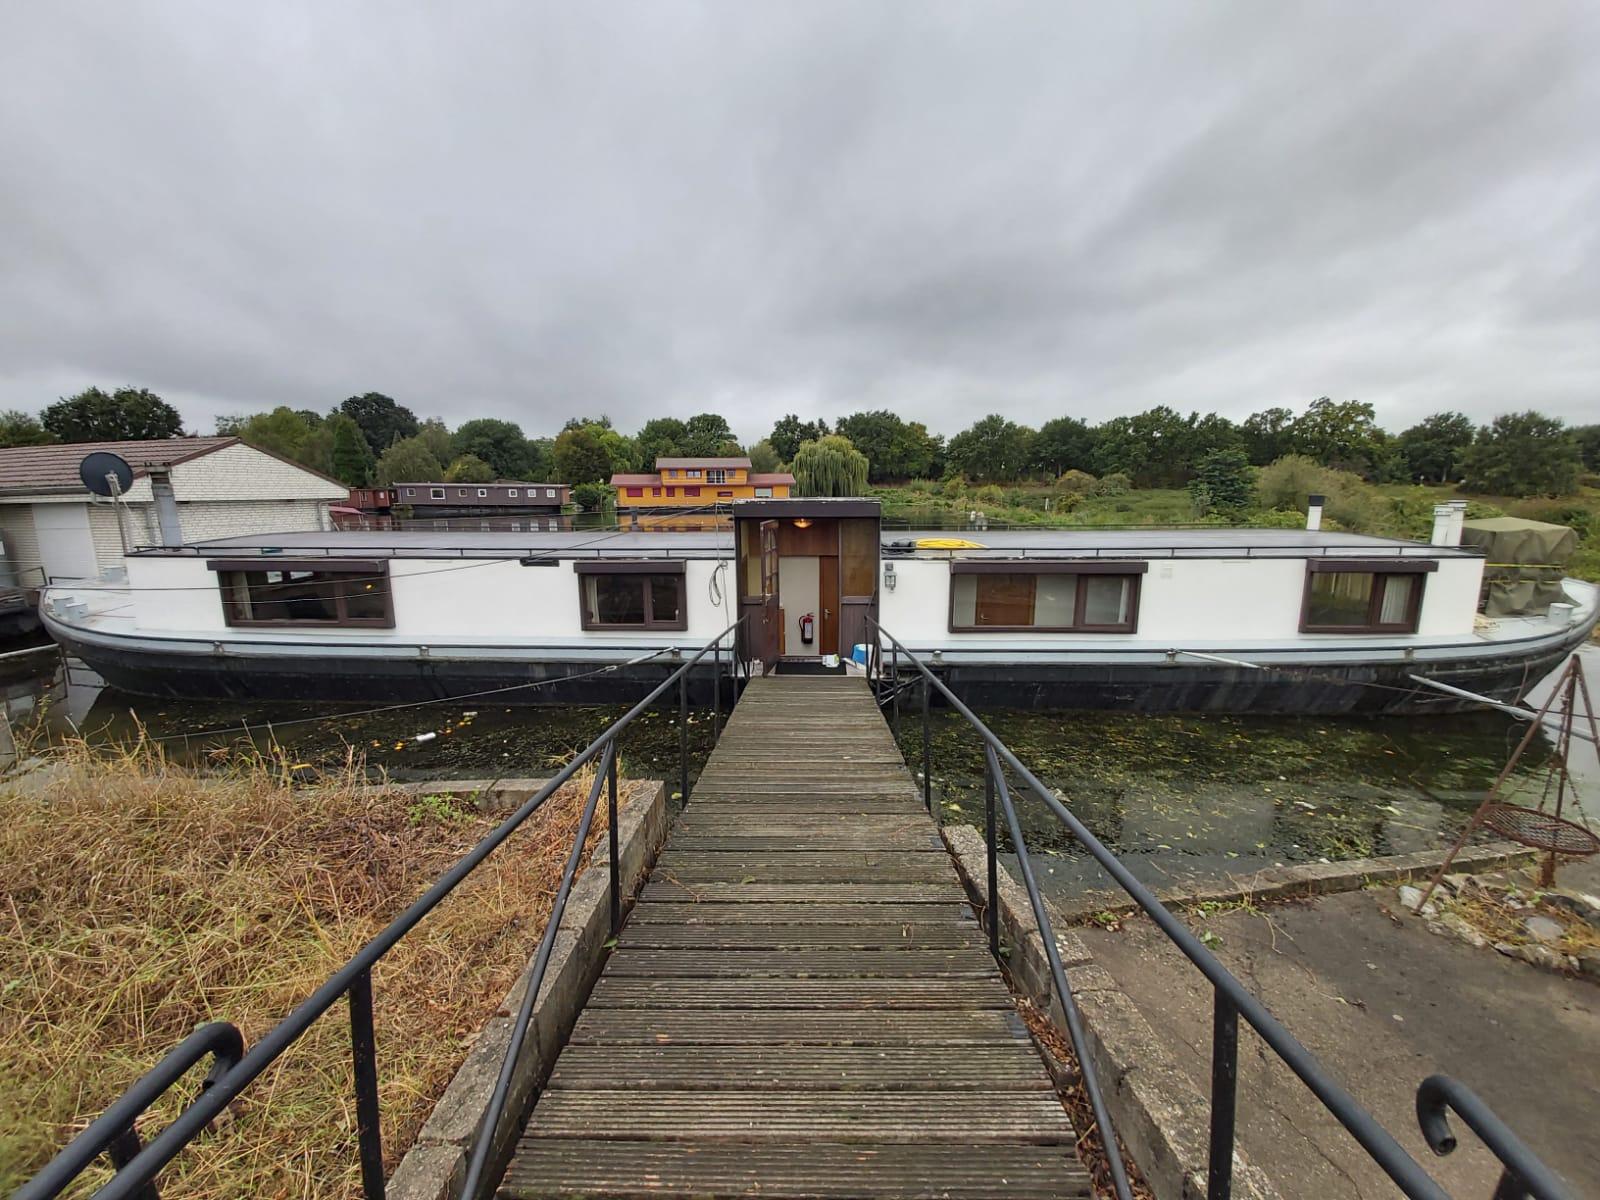 Stuwweg 10 | Room on houseboat | Maastricht